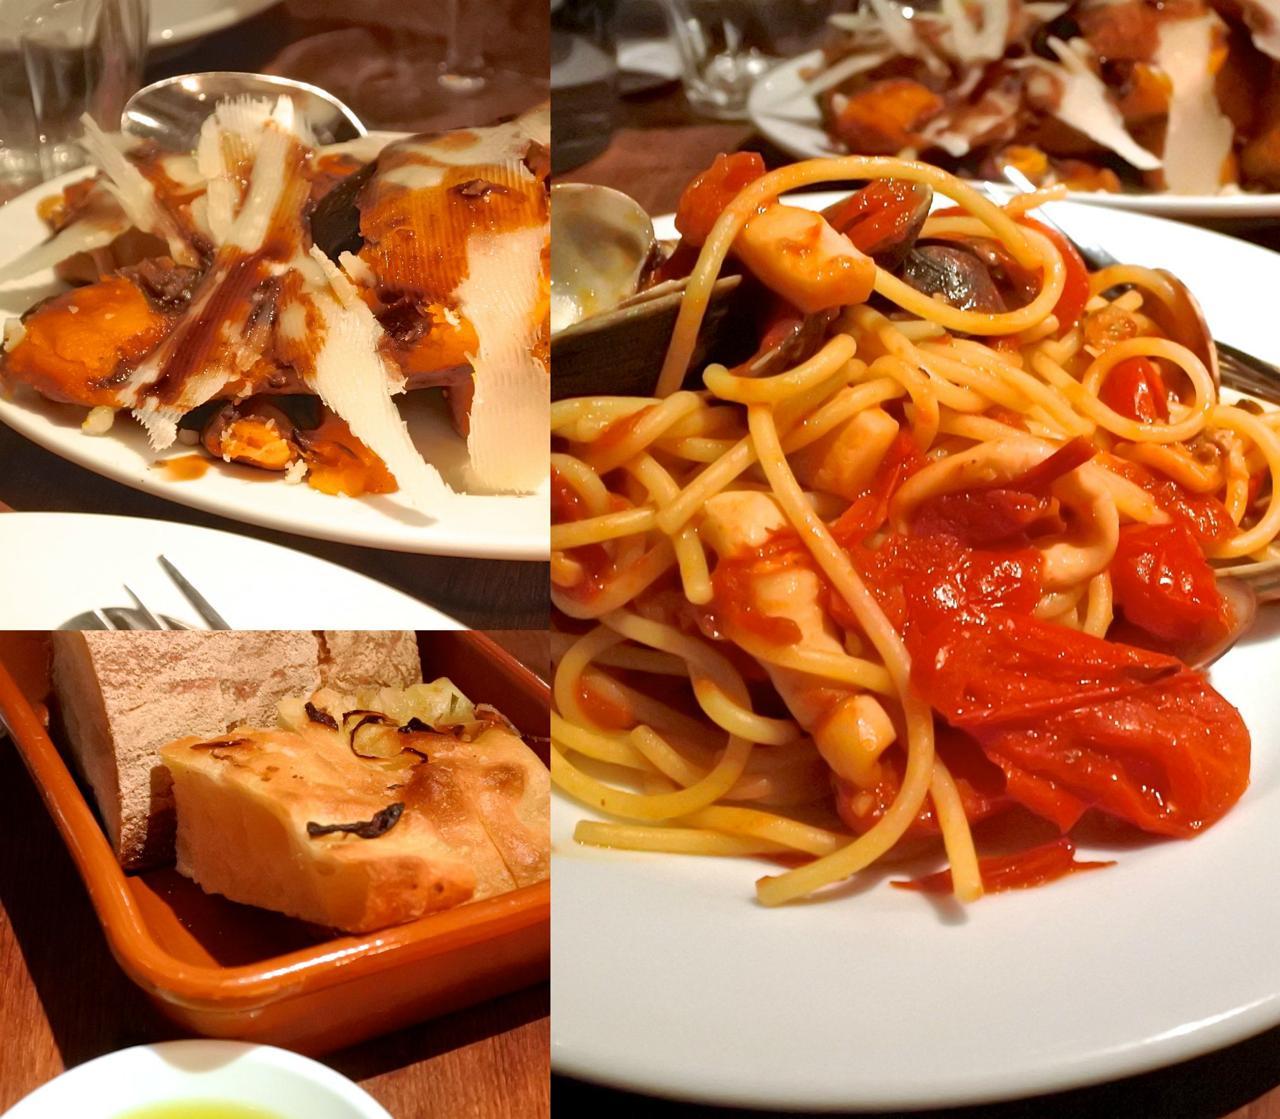 イカとトマトのスパゲッティは基本形(右)。これはアサリをプラスしてもらったもの。左上はカボチャのロースト、セージ風味。旨い!